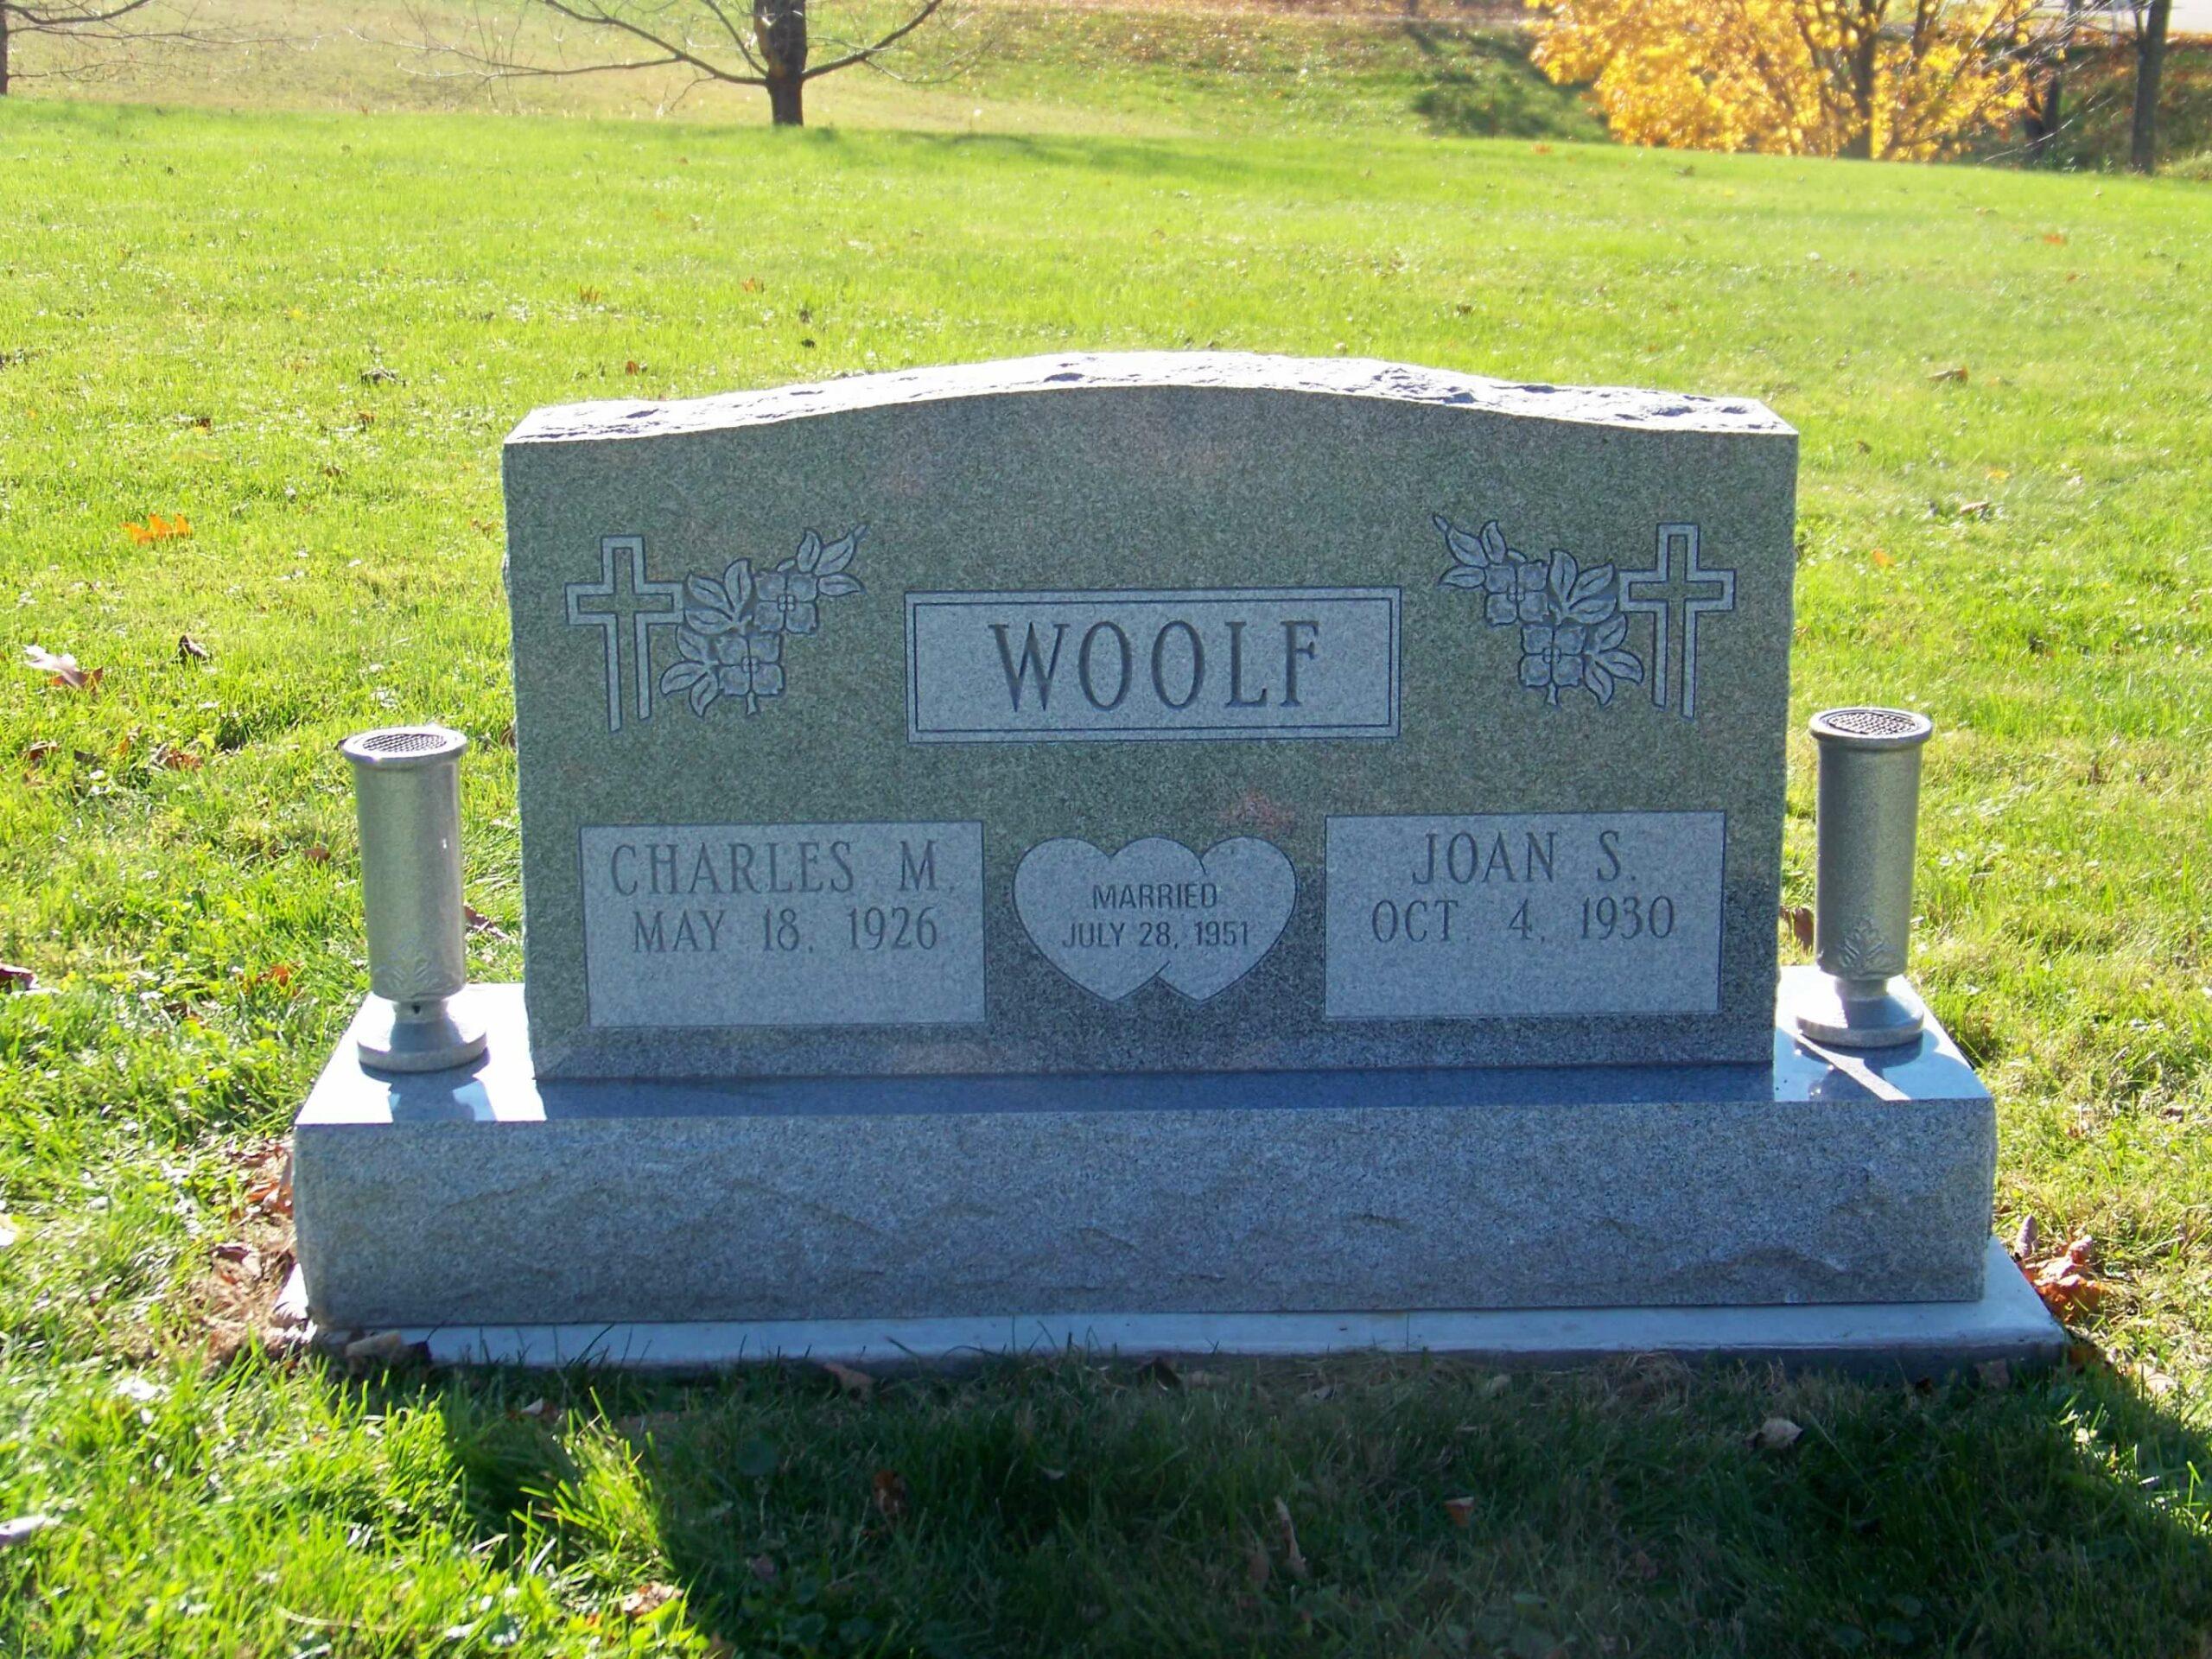 Woolf, Charles